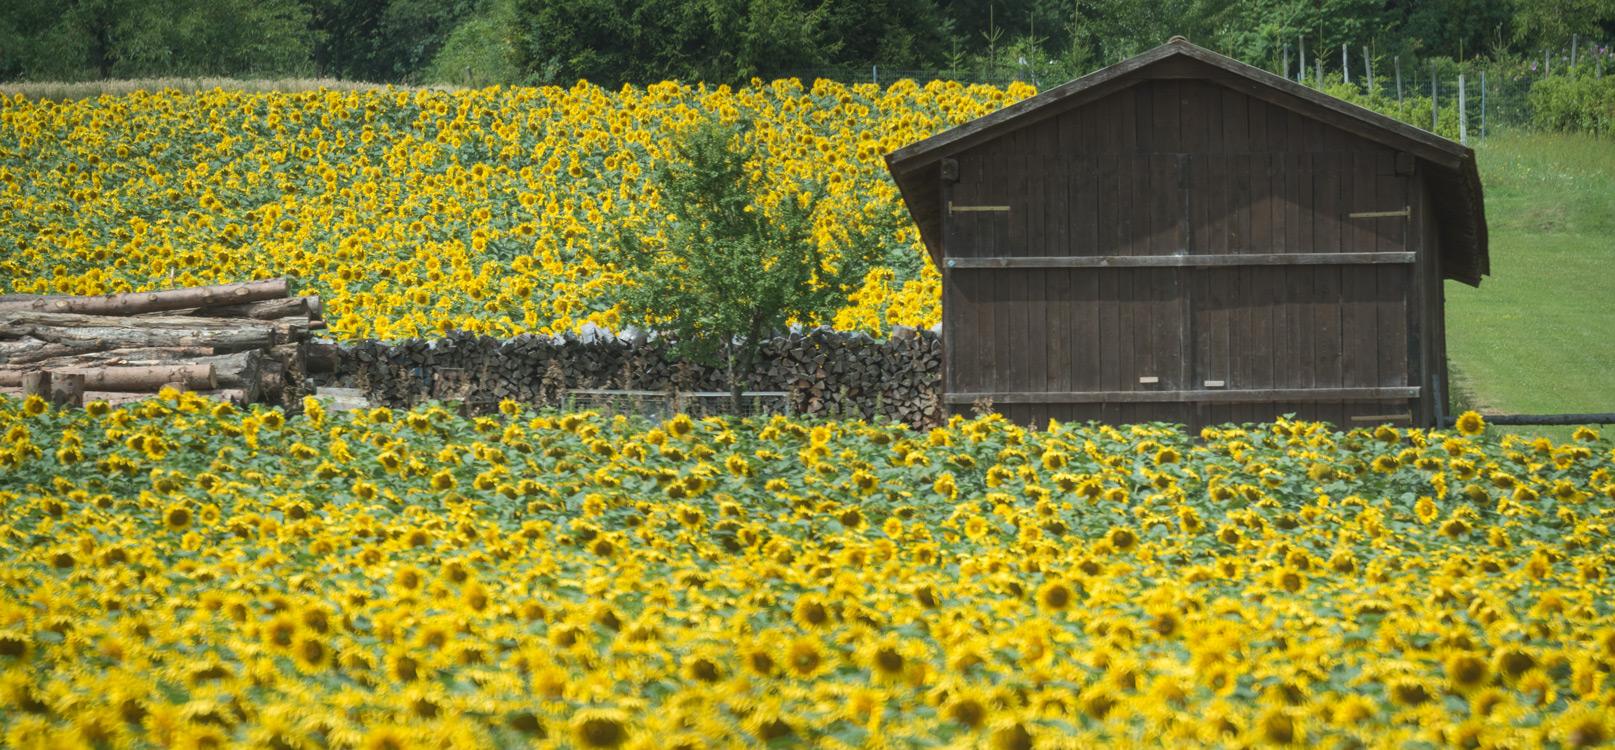 Sonnenblumen-Burgenland-01